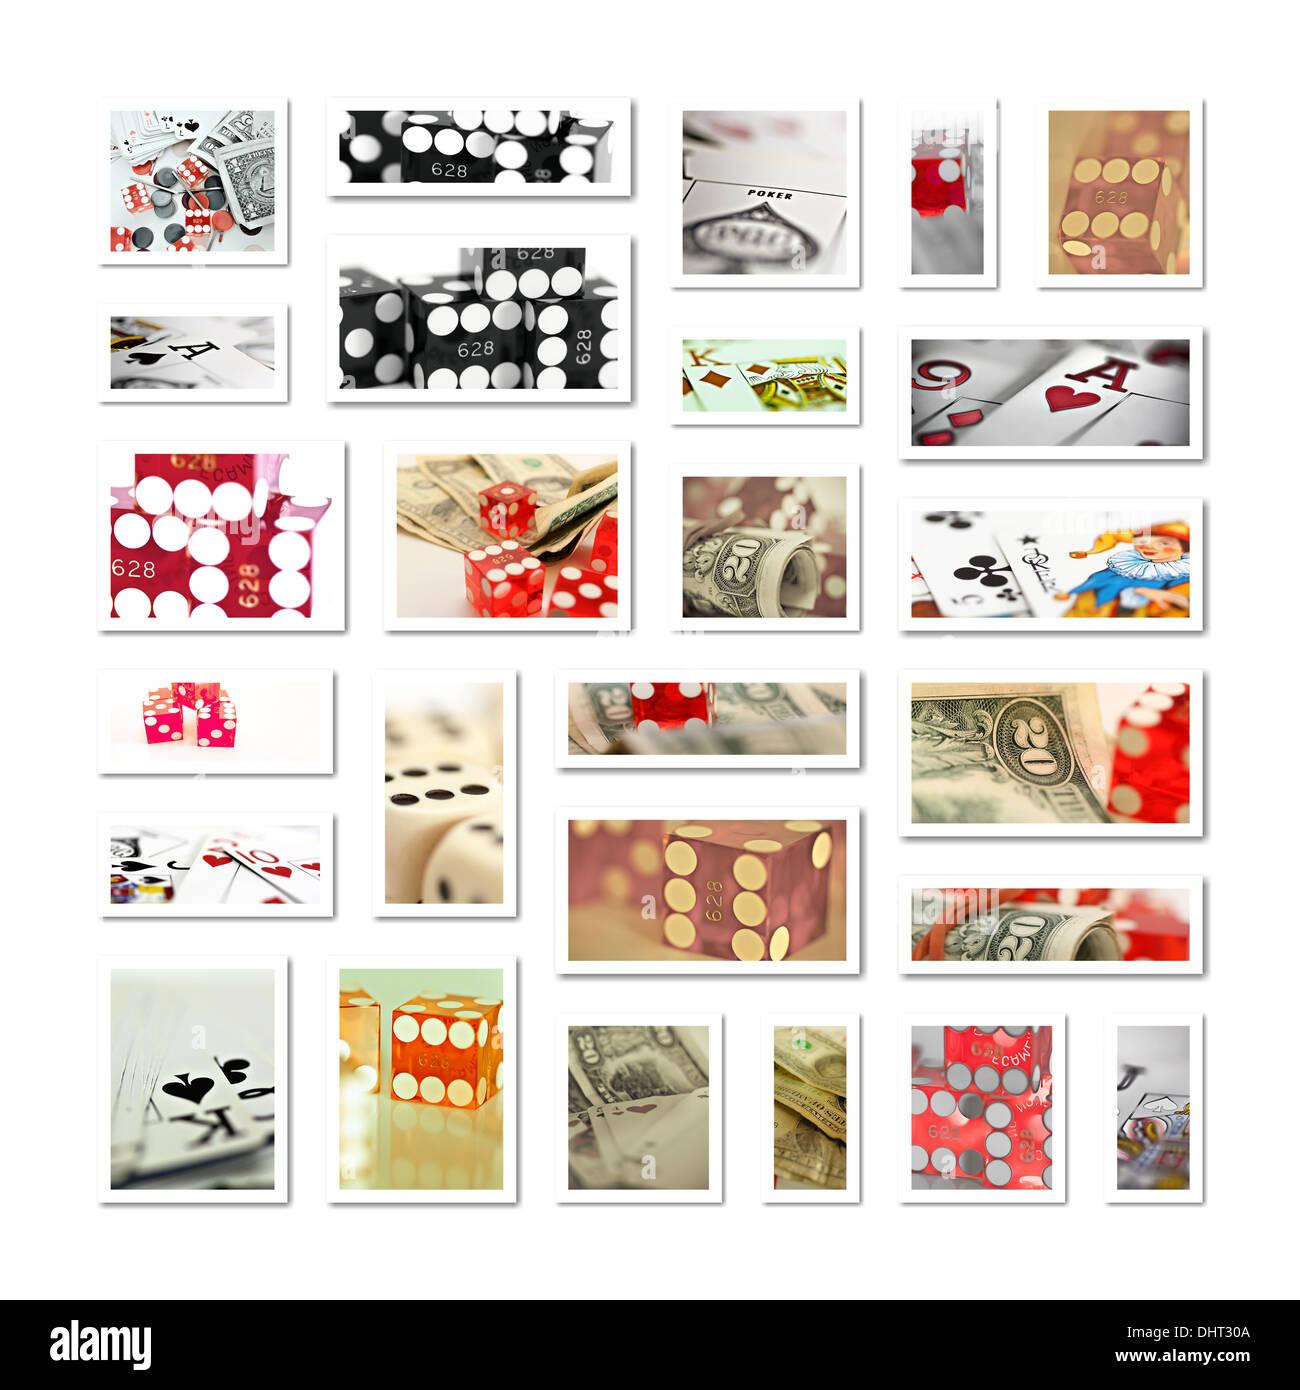 gambling collage - Stock Image